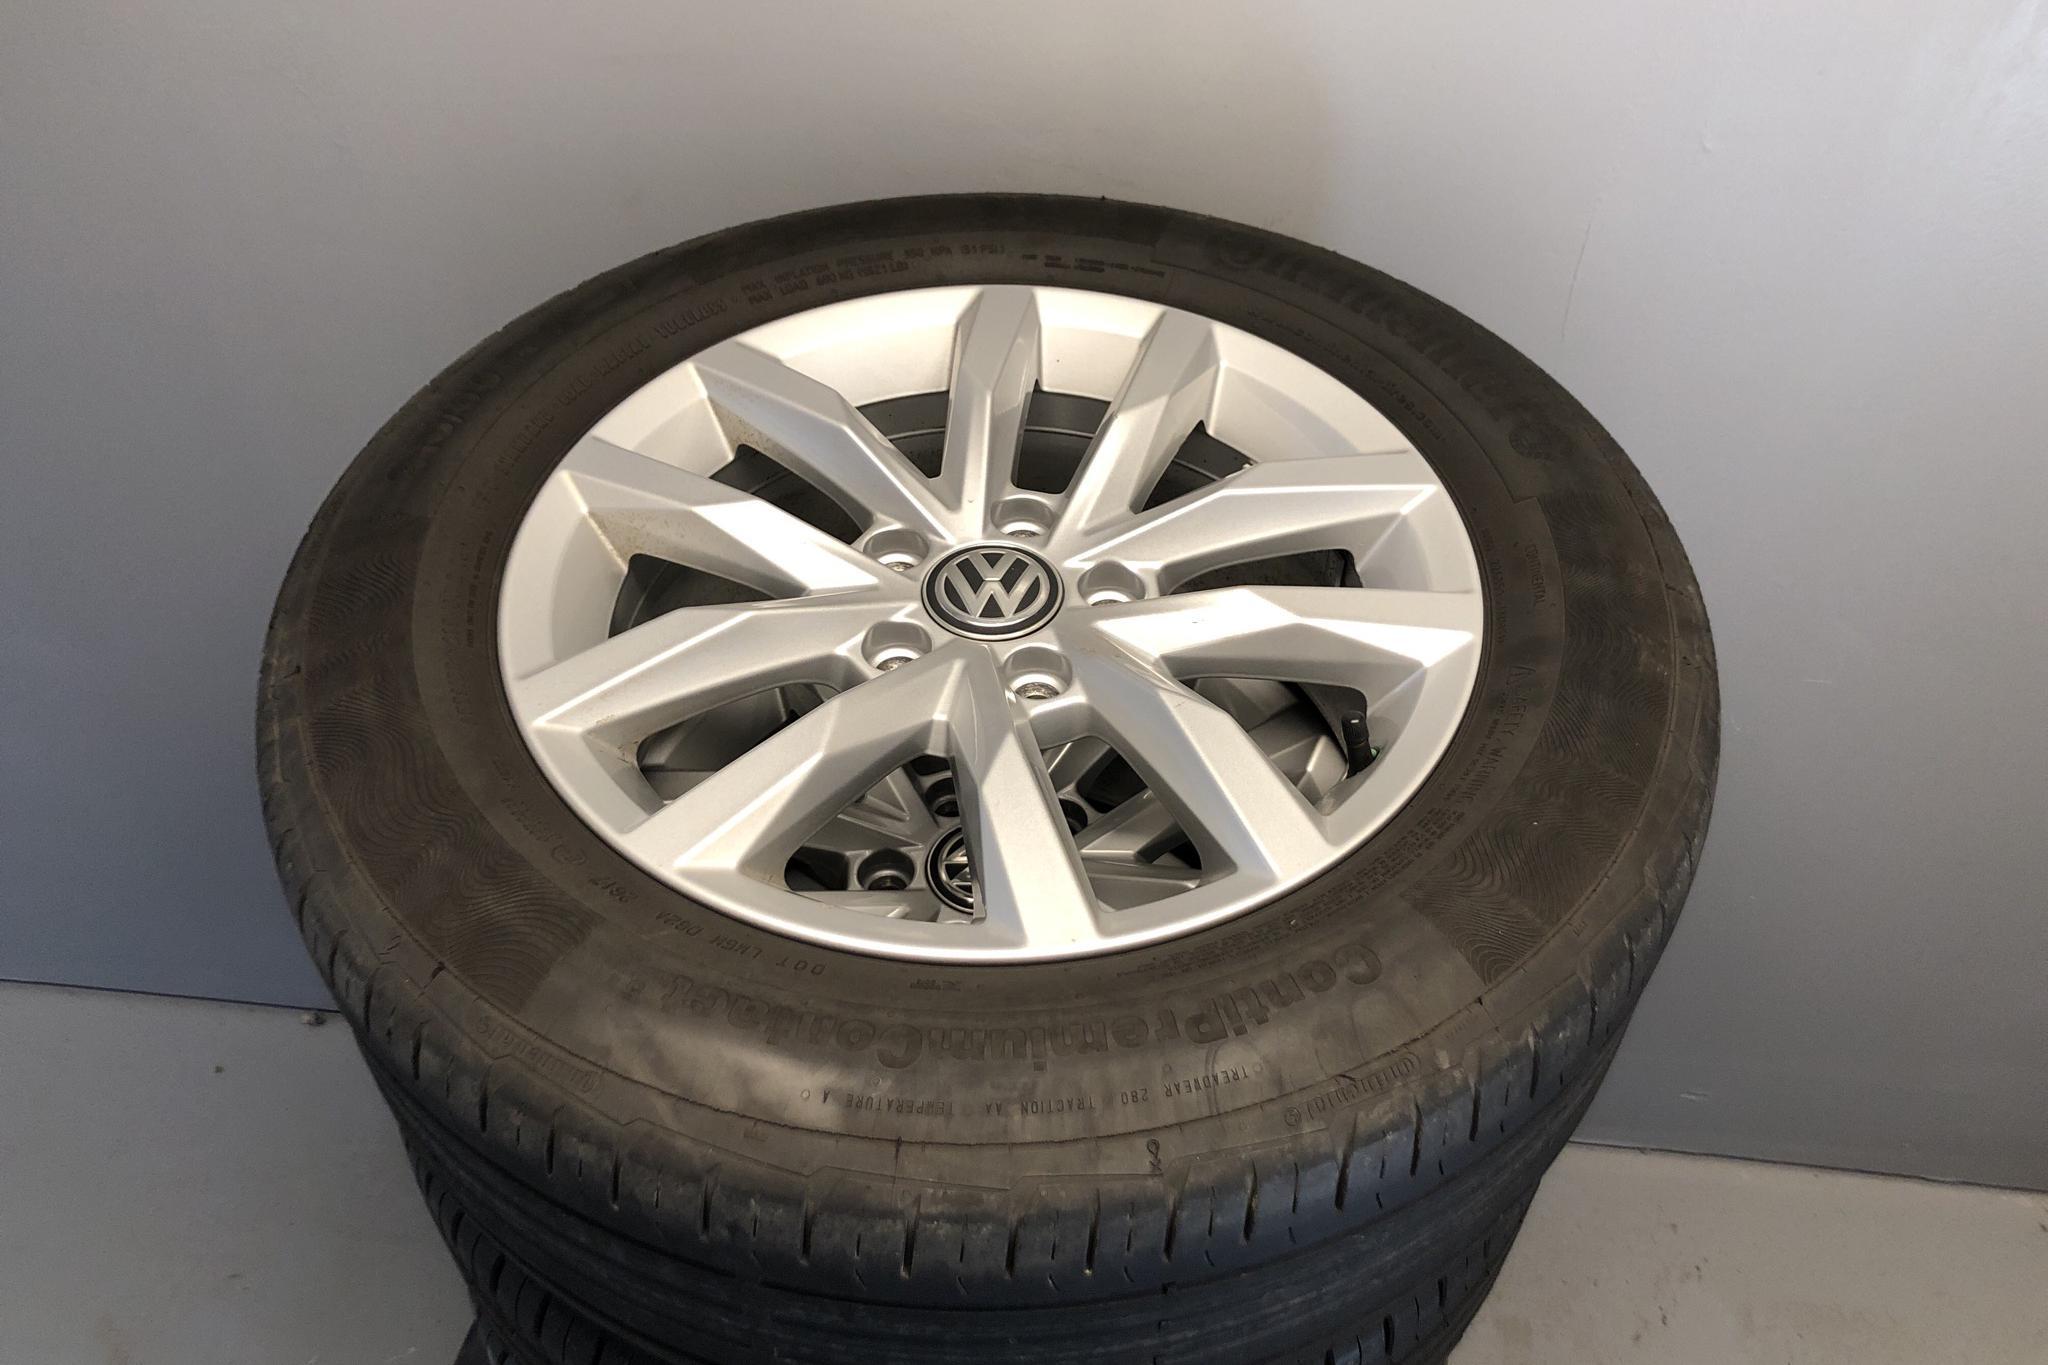 VW Passat 2.0 TDI Sportscombi (150hk) - 20 860 mil - Automat - vit - 2016